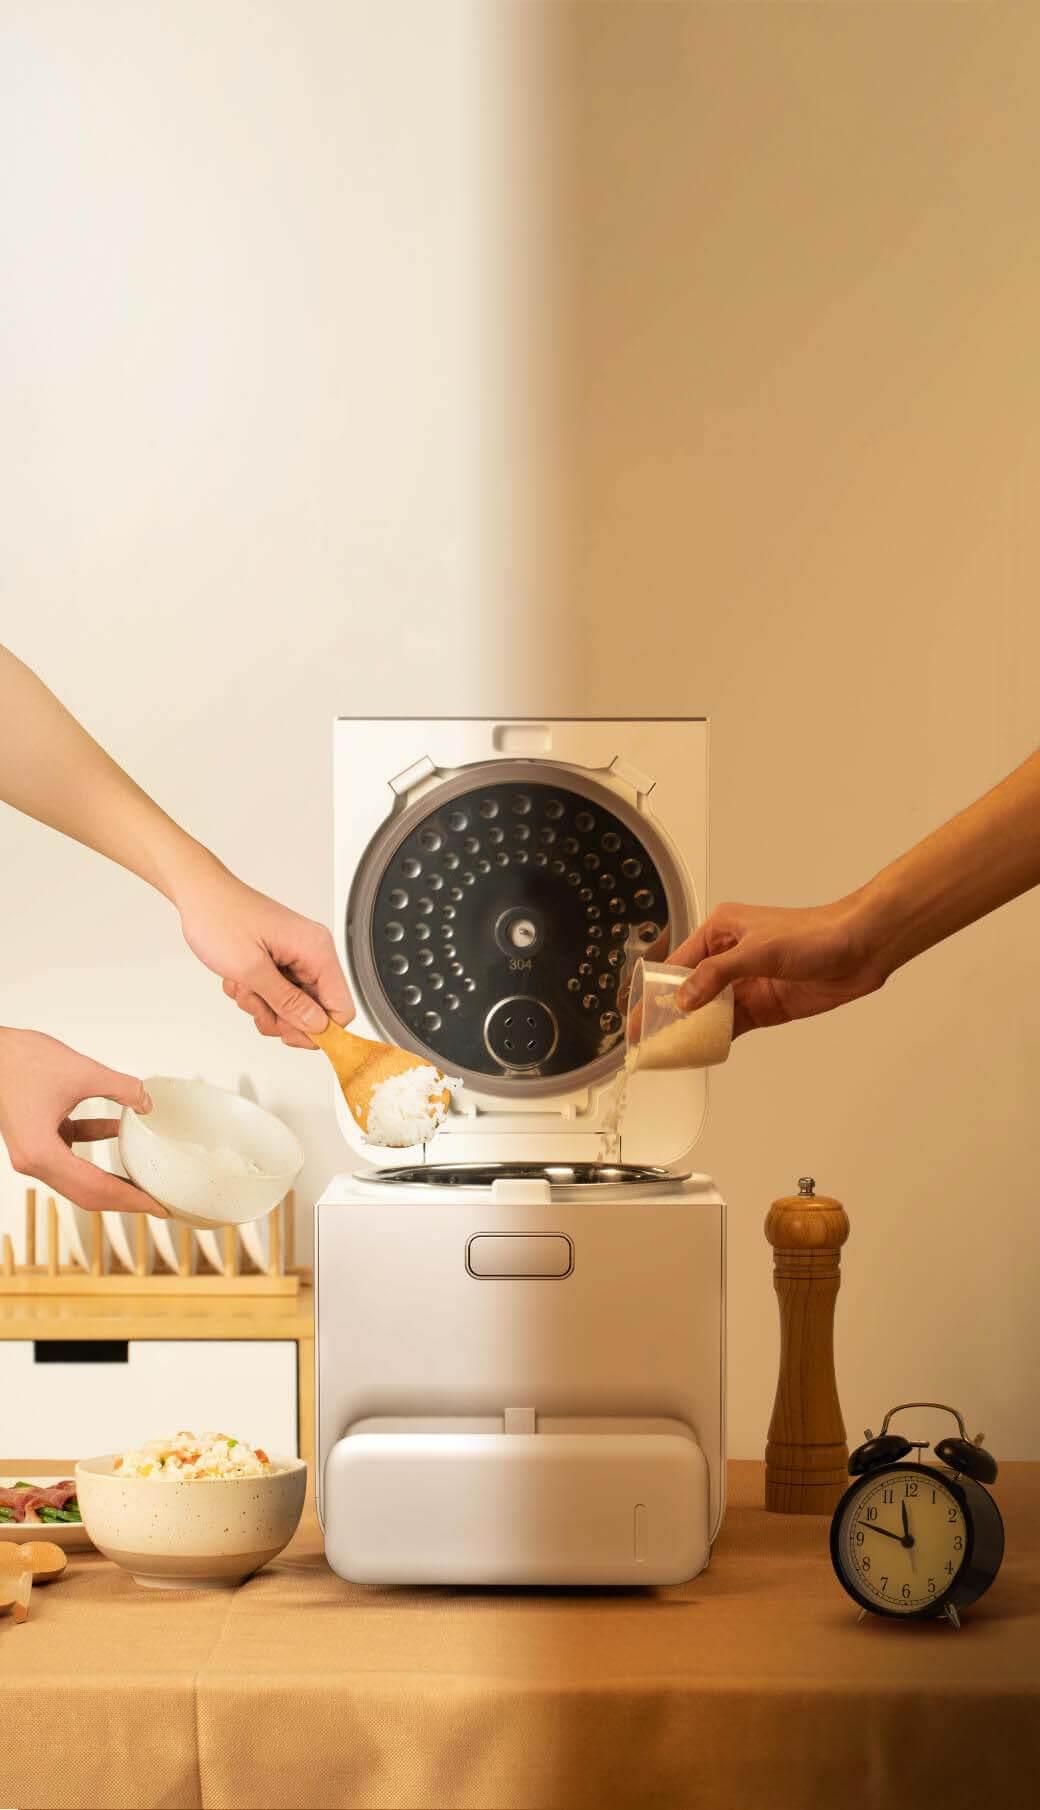 糖質管理に悩む全ての方へ!「たいせつな人の毎日をささえる。」糖質を44%カットする糖質カット炊飯器ZHENMI(シェンミ)X6